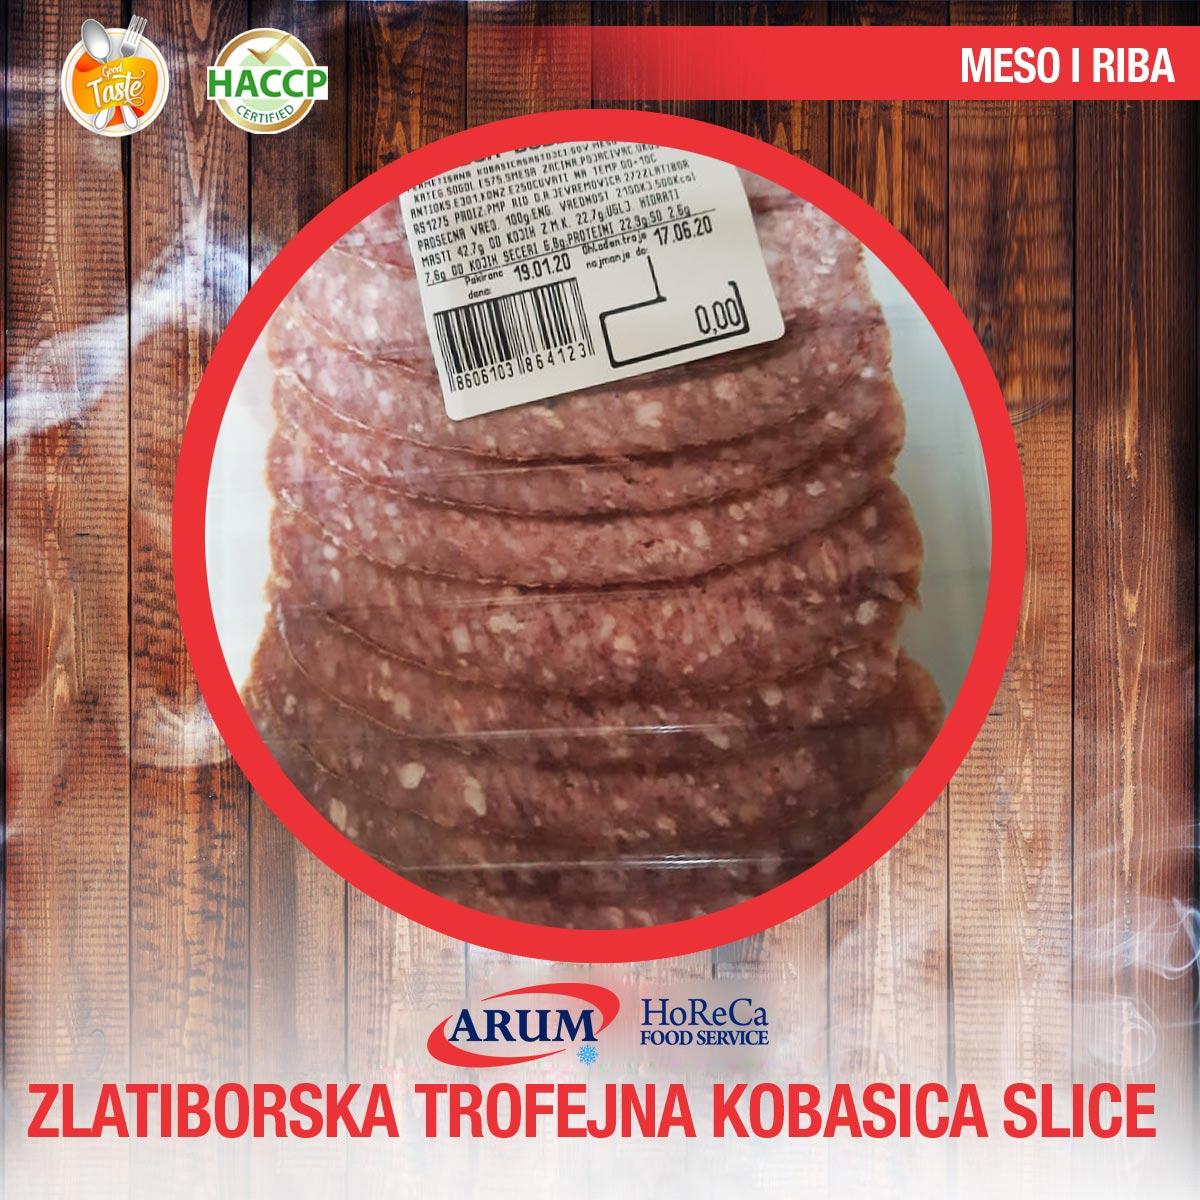 ZLATIBORSKA TROFEJNA KOBASICA 100G SLICE